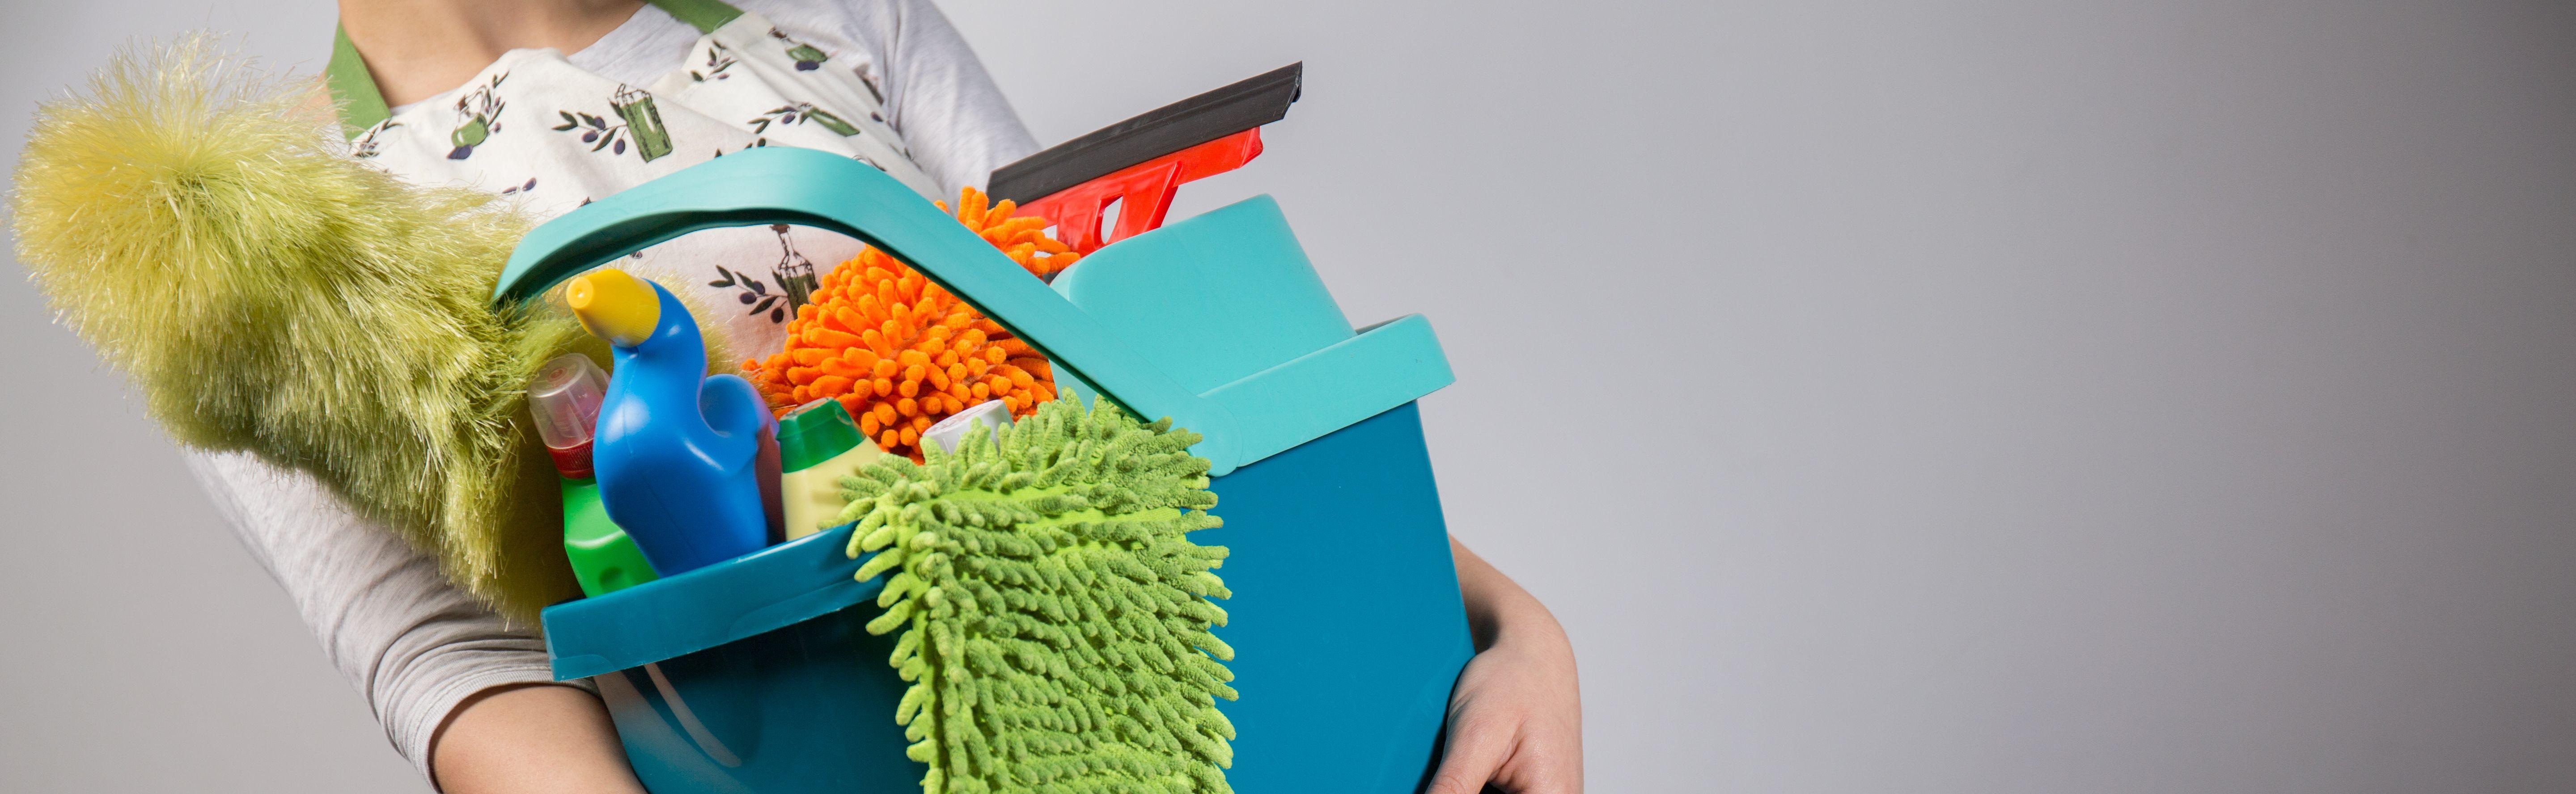 Los mejores productos de limpieza en Granada